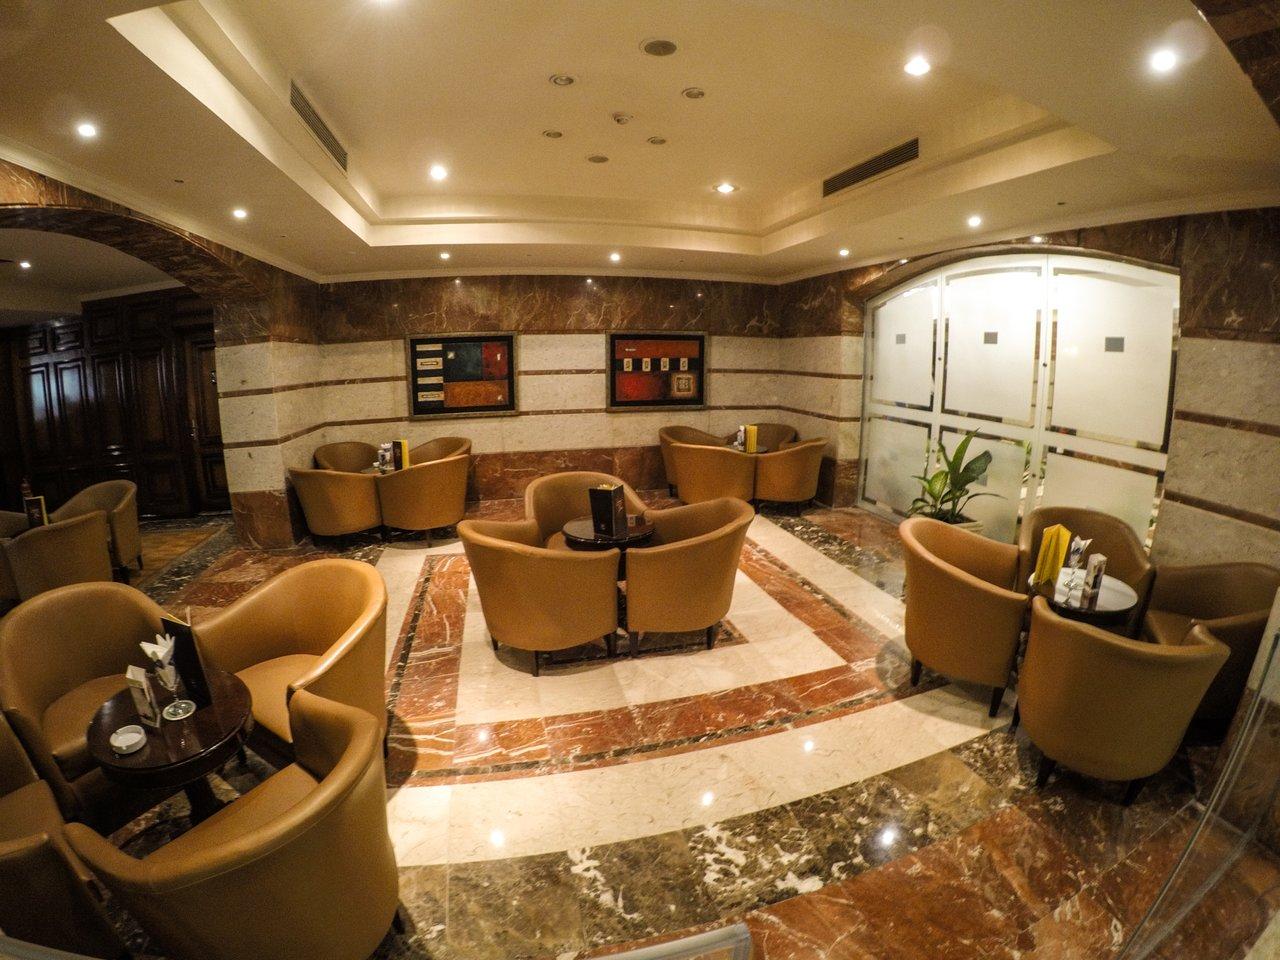 MEDITERRANEAN AZUR HOTEL $195 ($̶2̶9̶5̶) - Updated 2019